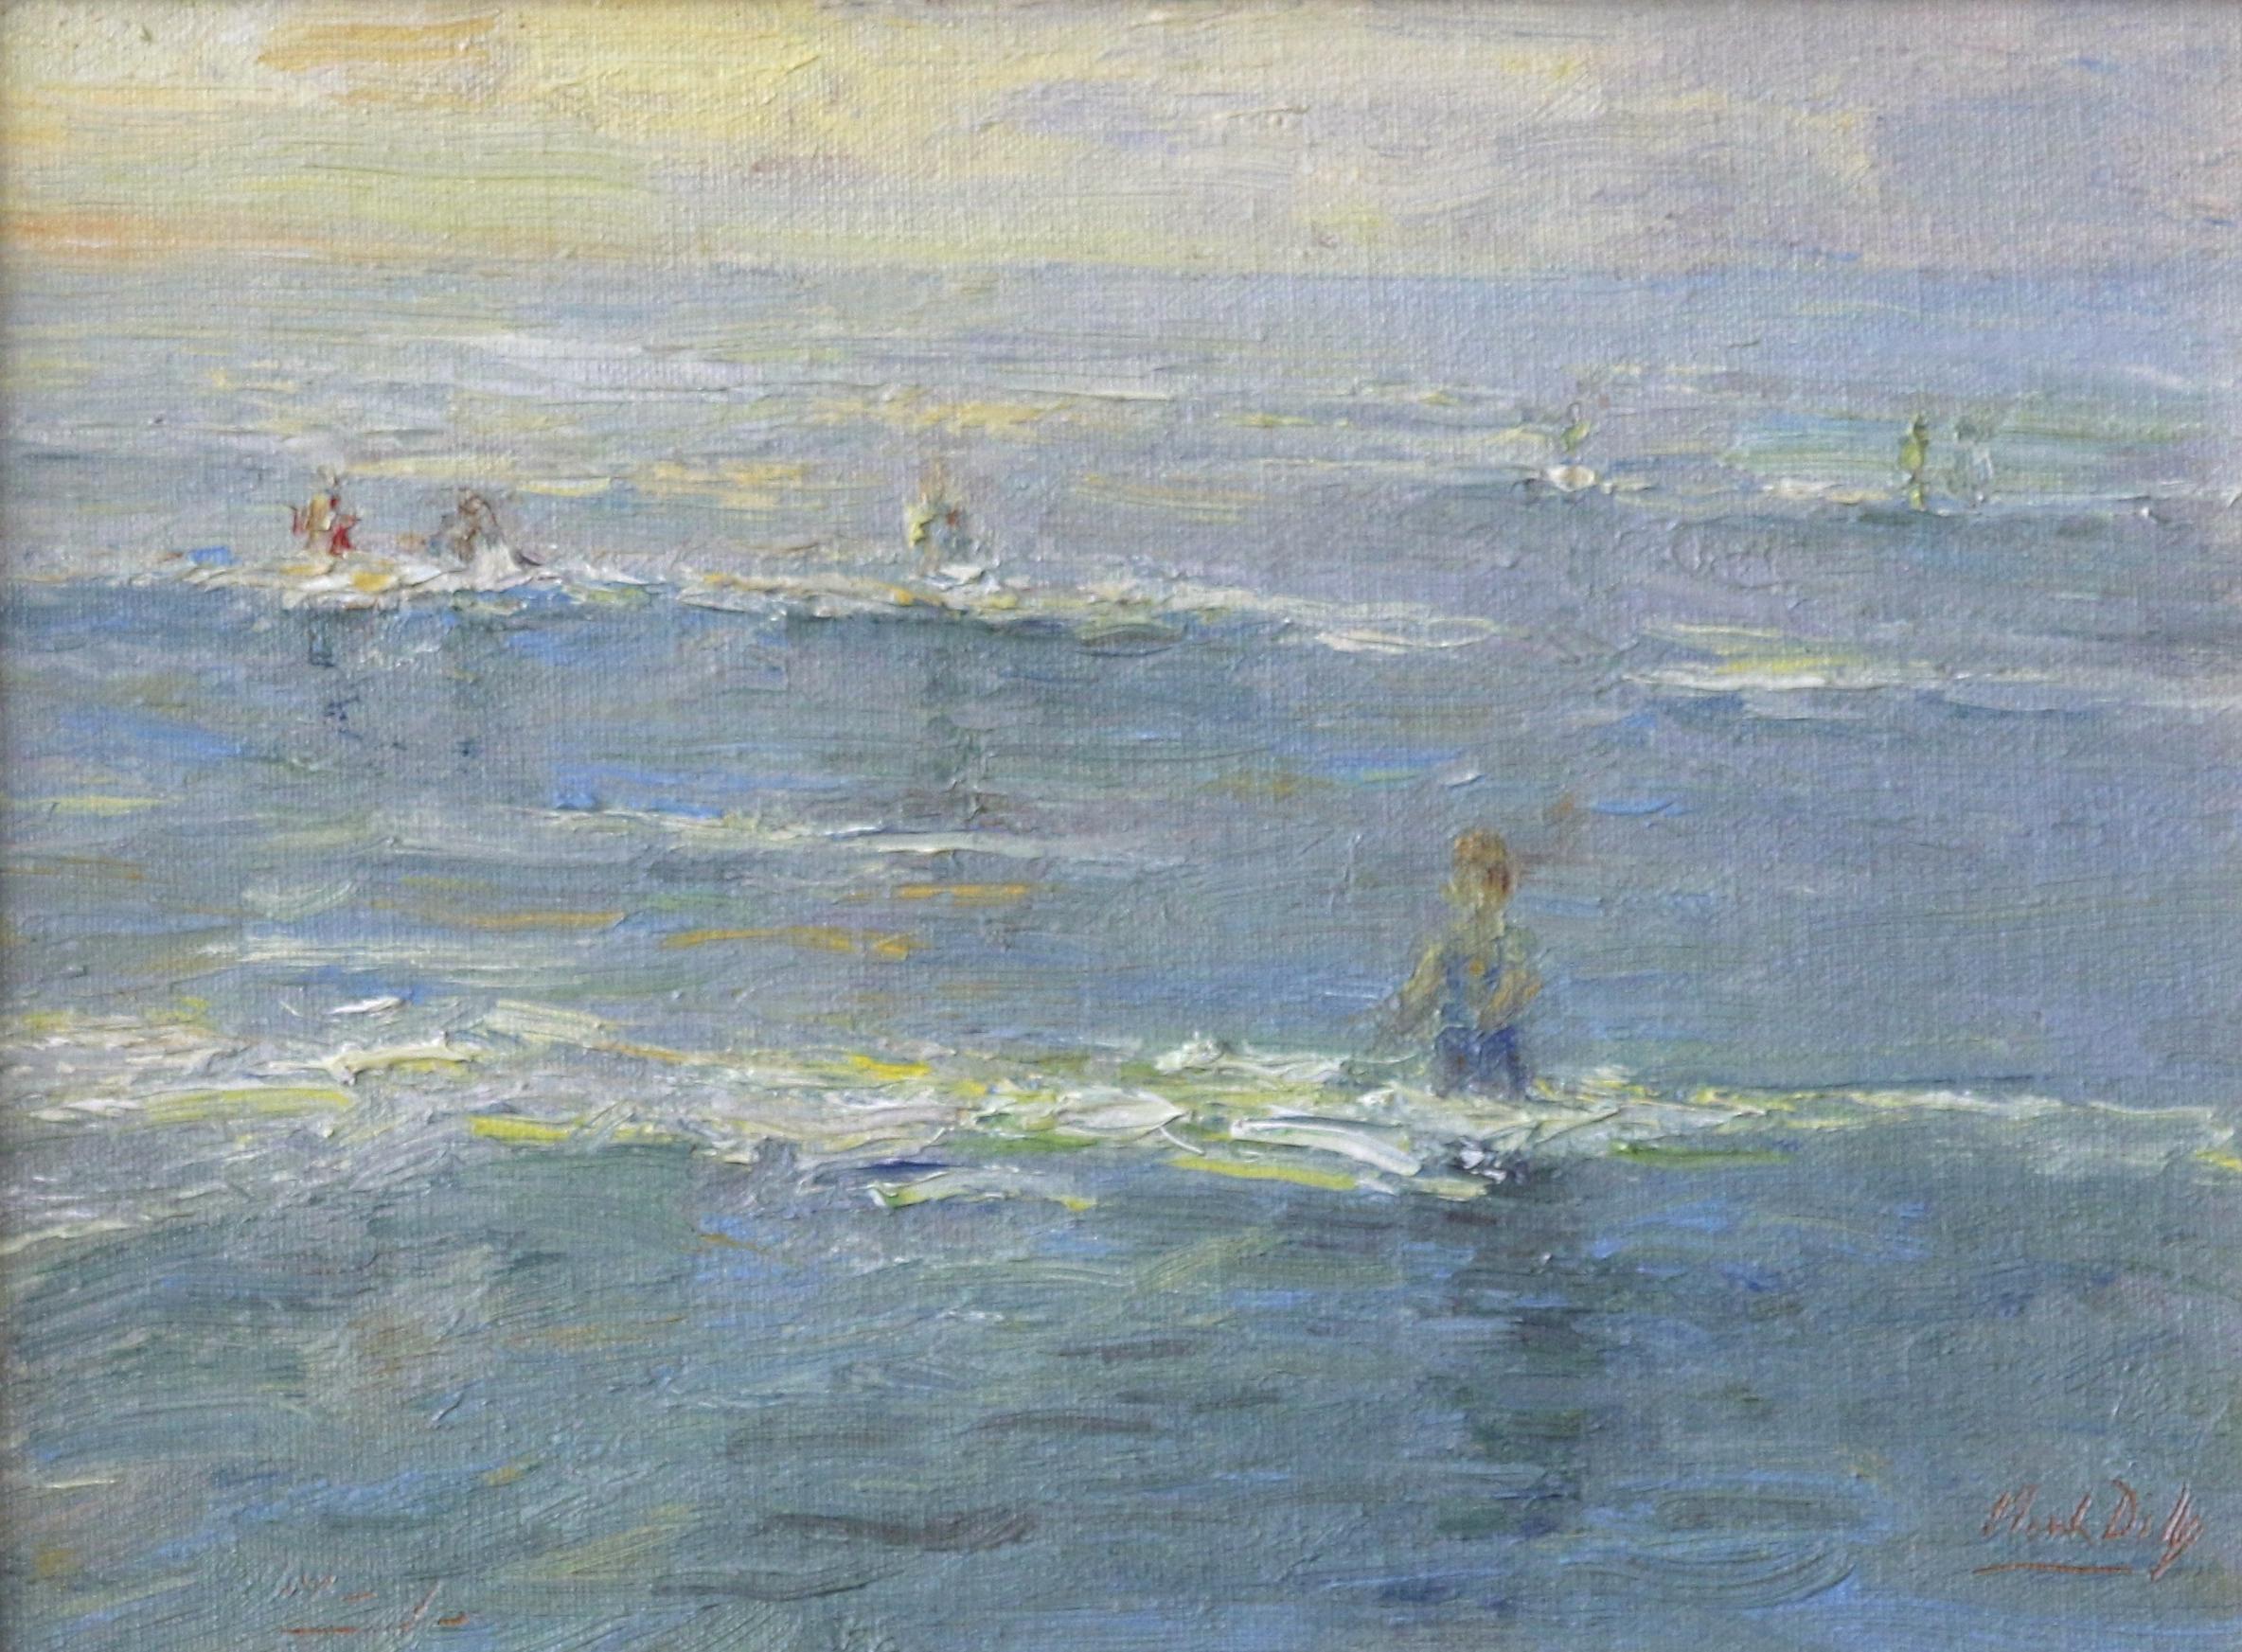 Joyful Waves